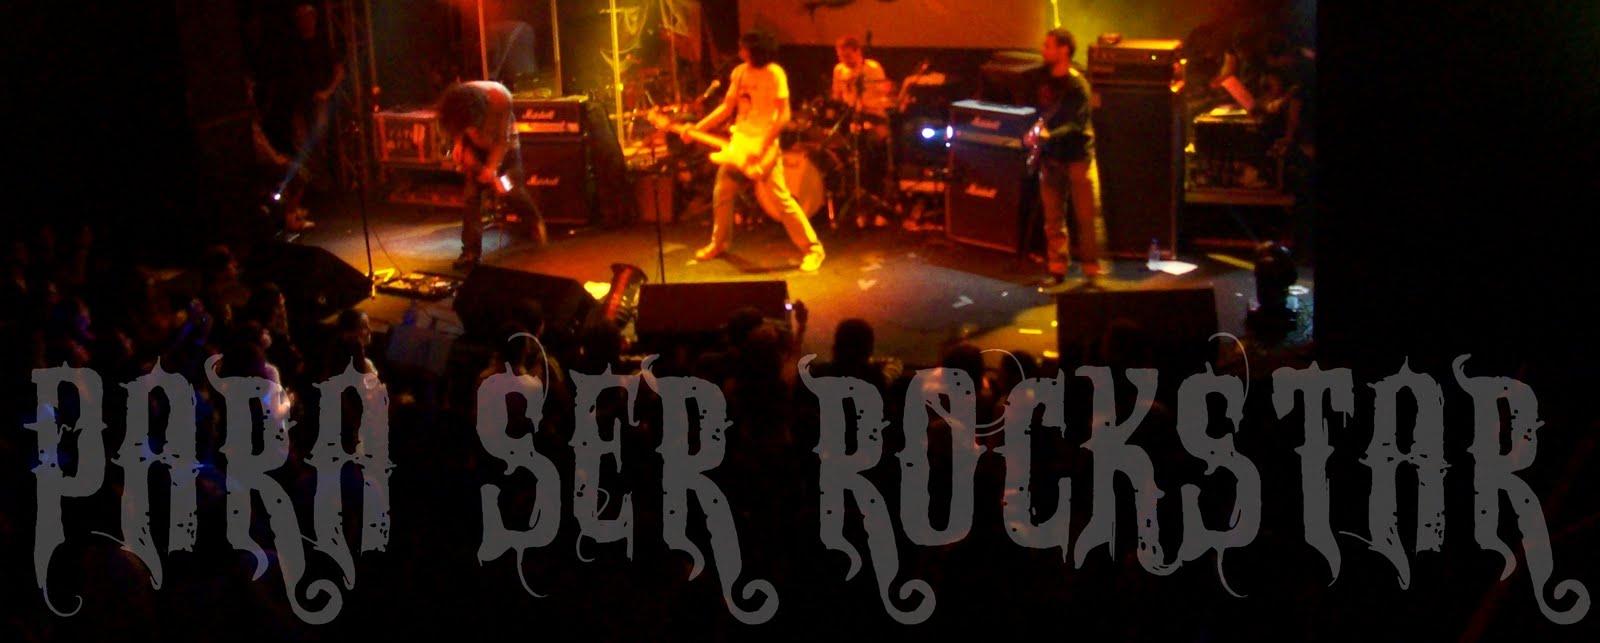 Para ser RockStar...